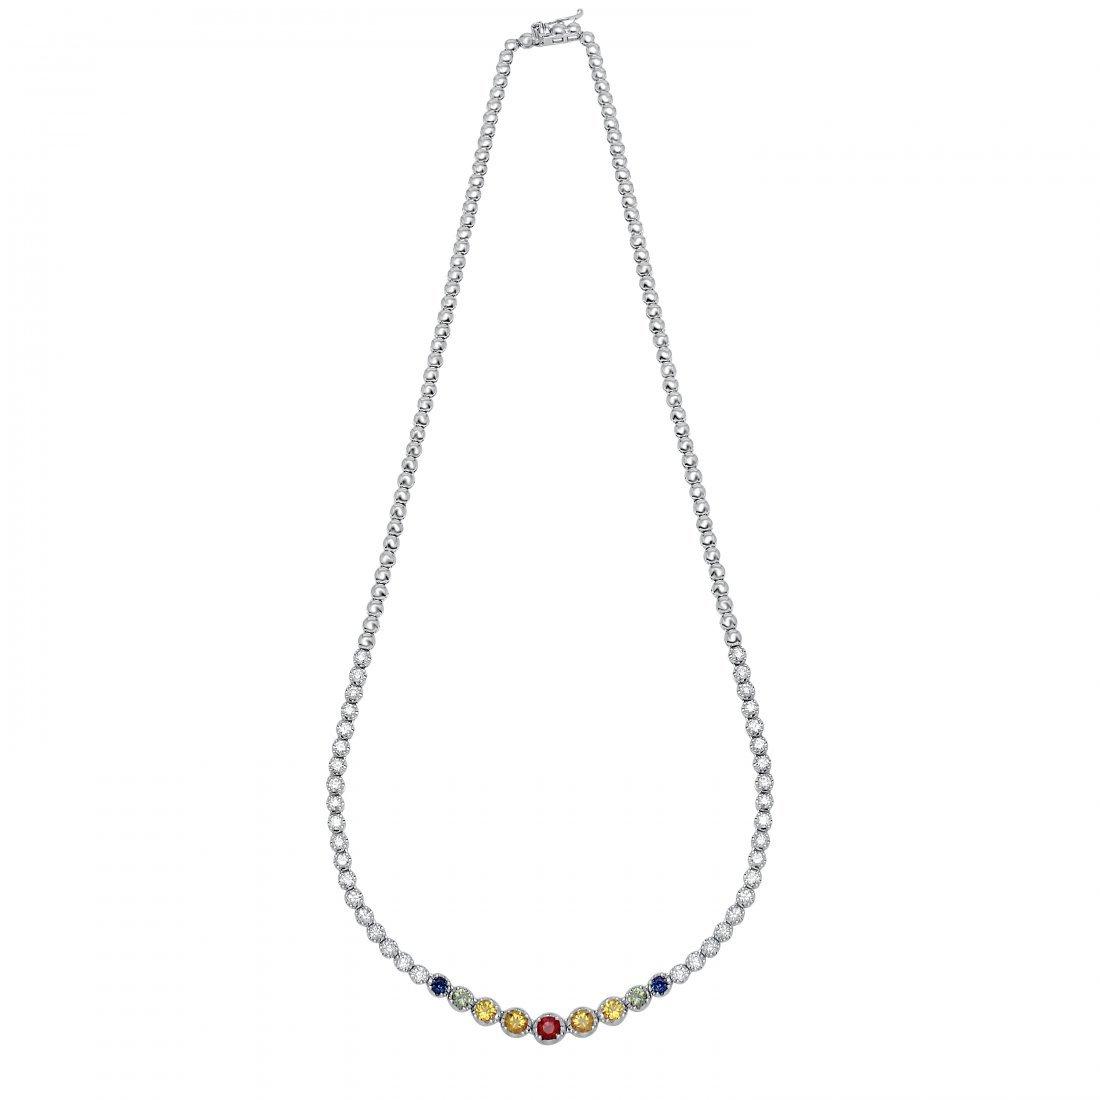 18KT White Gold Gemstone Necklace